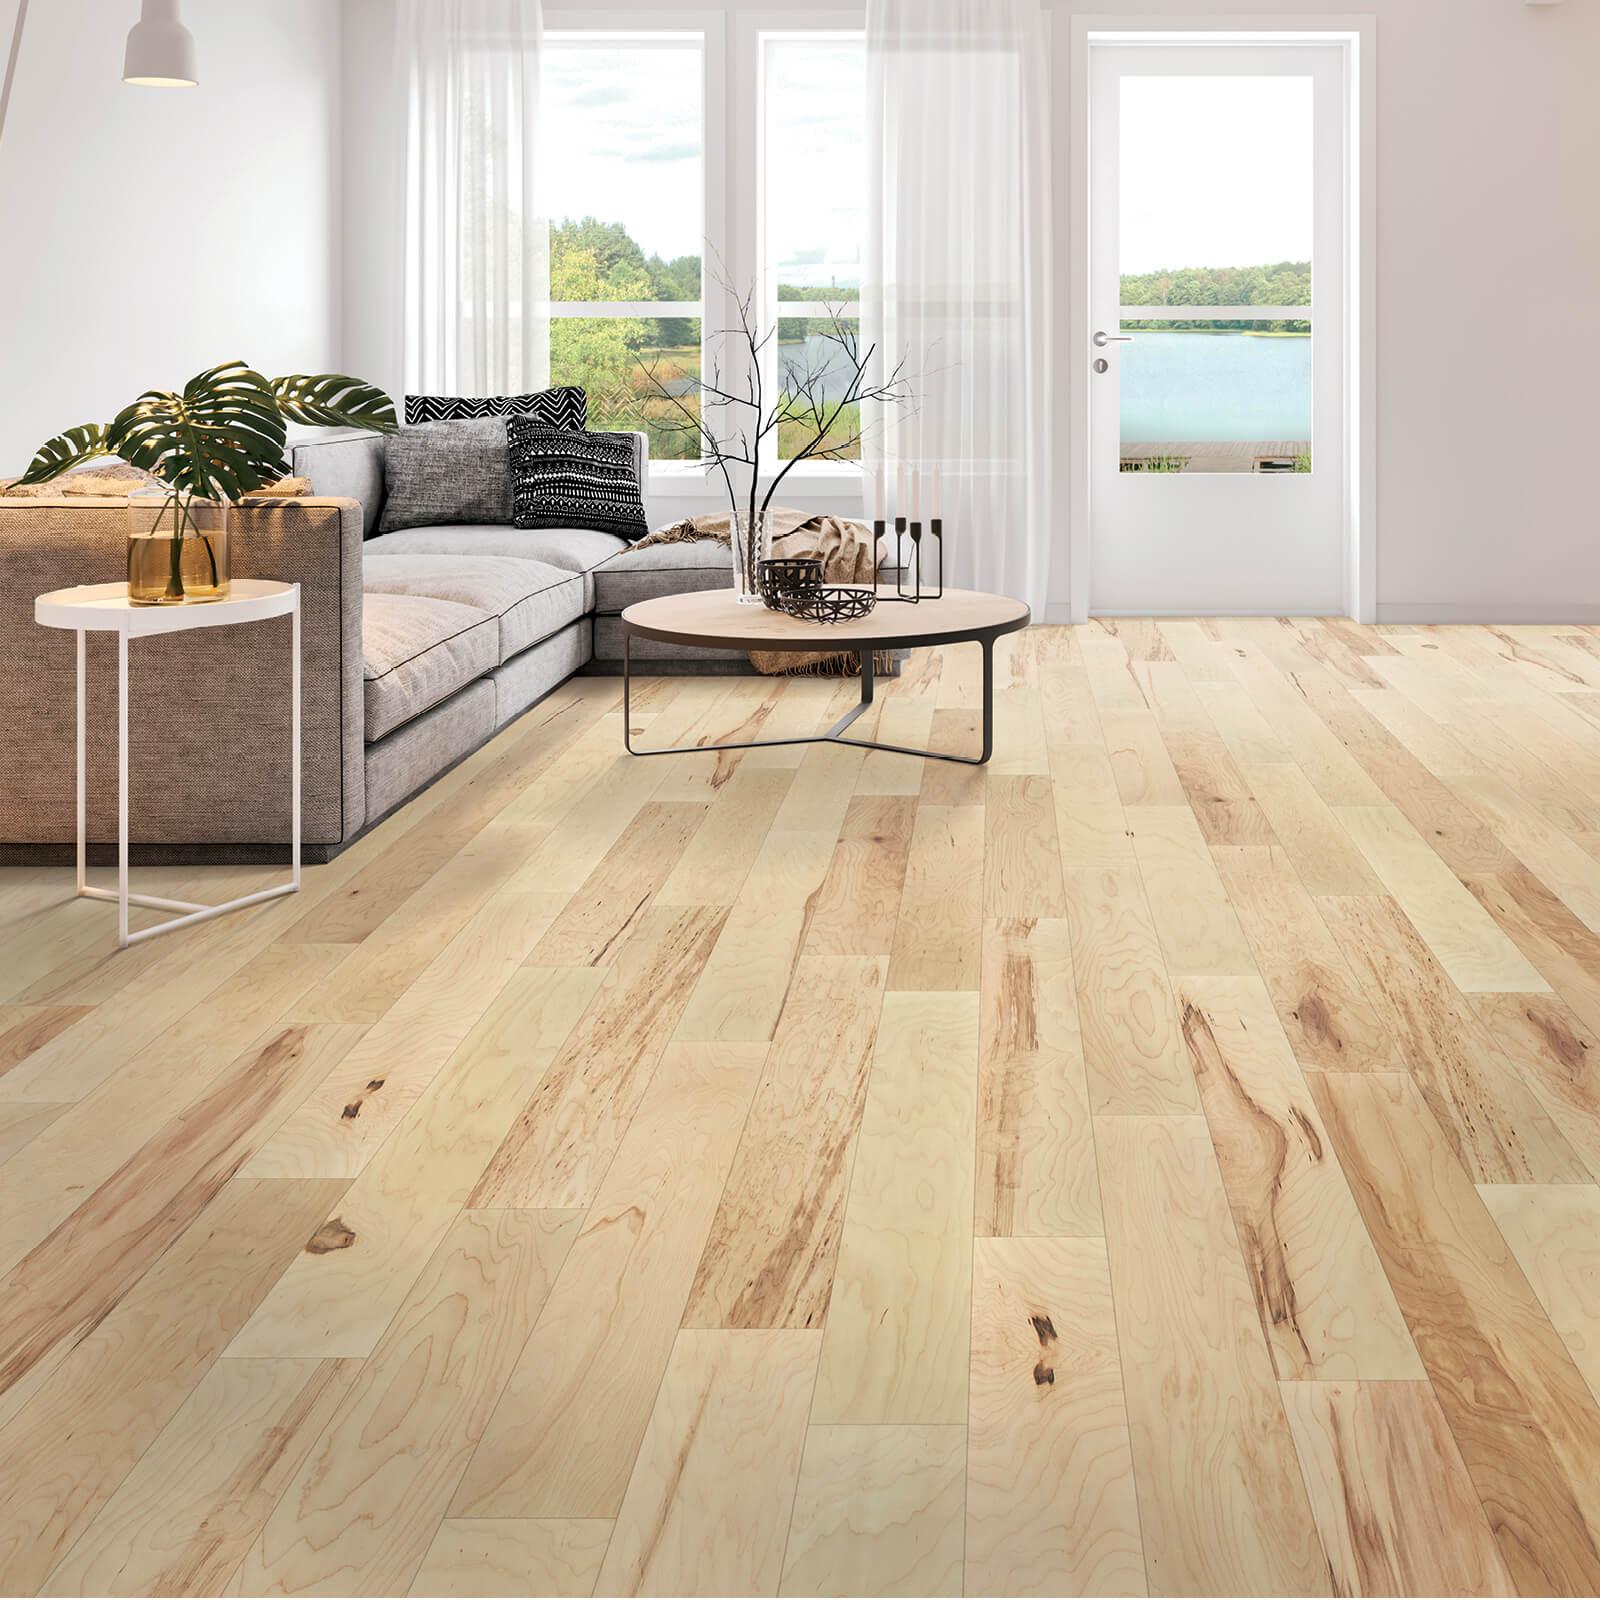 Shaw highlands ranch Vinyl flooring | Wacky's Flooring